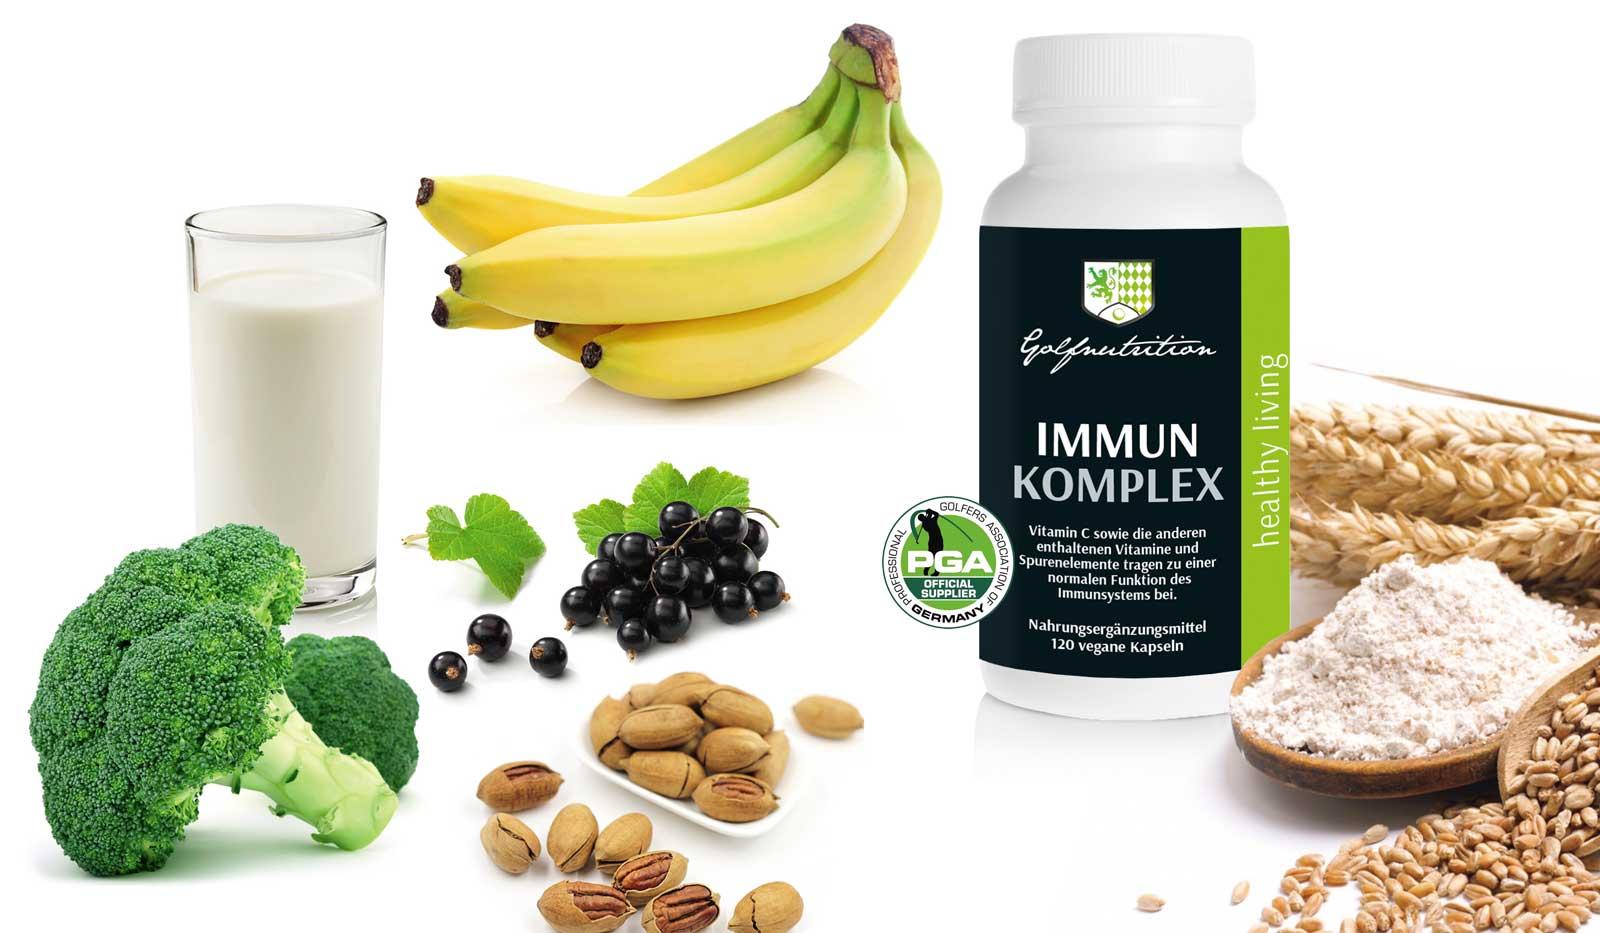 golfnutrition GS - Gewinnen Sie das Immun-Komplex von Golfnutrition®